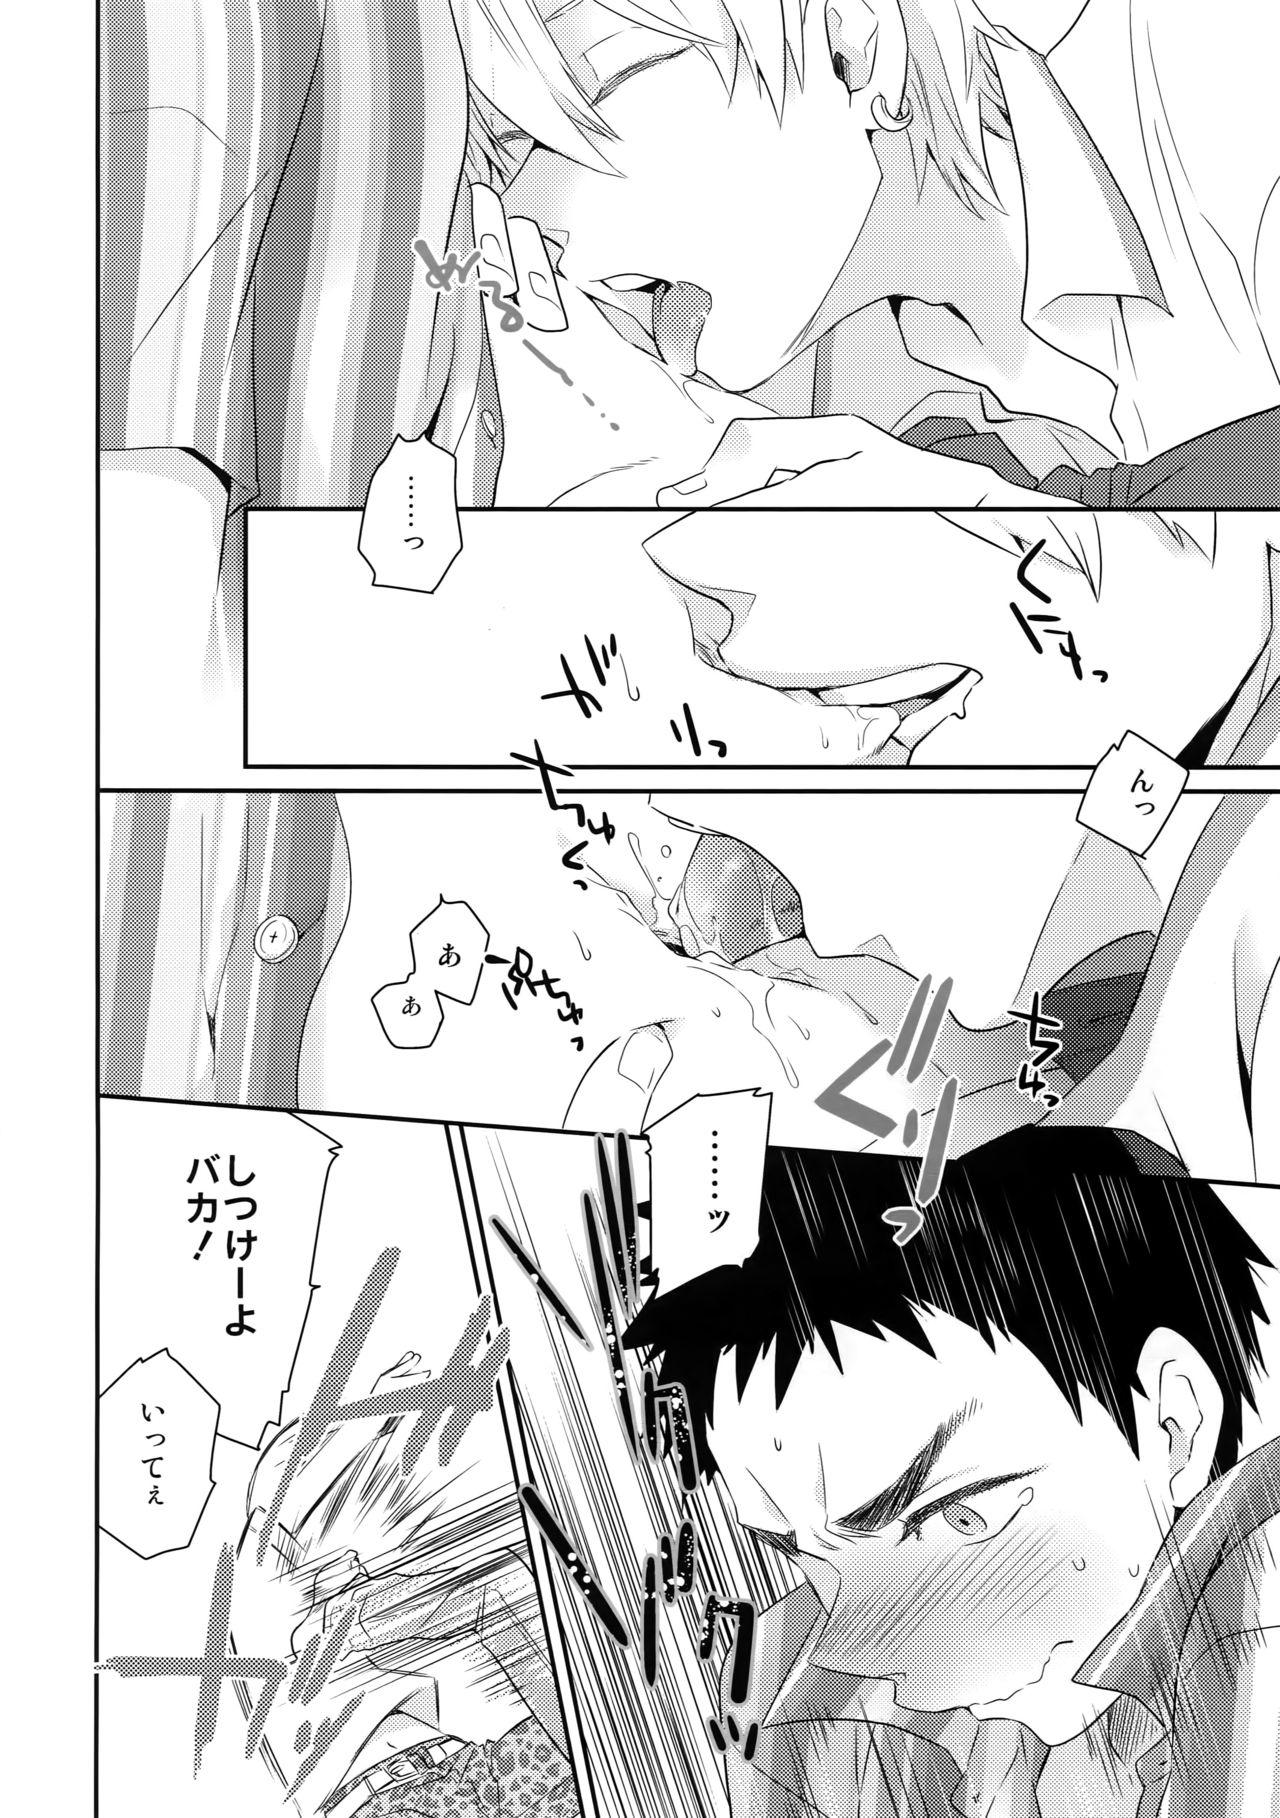 [Bakuchi Jinsei SP (Satsuki Fumi)] Kanpeki Kareshi to Zettai Ryouiki Ouji-sama - Another Version - (Kuroko no Basket) 104